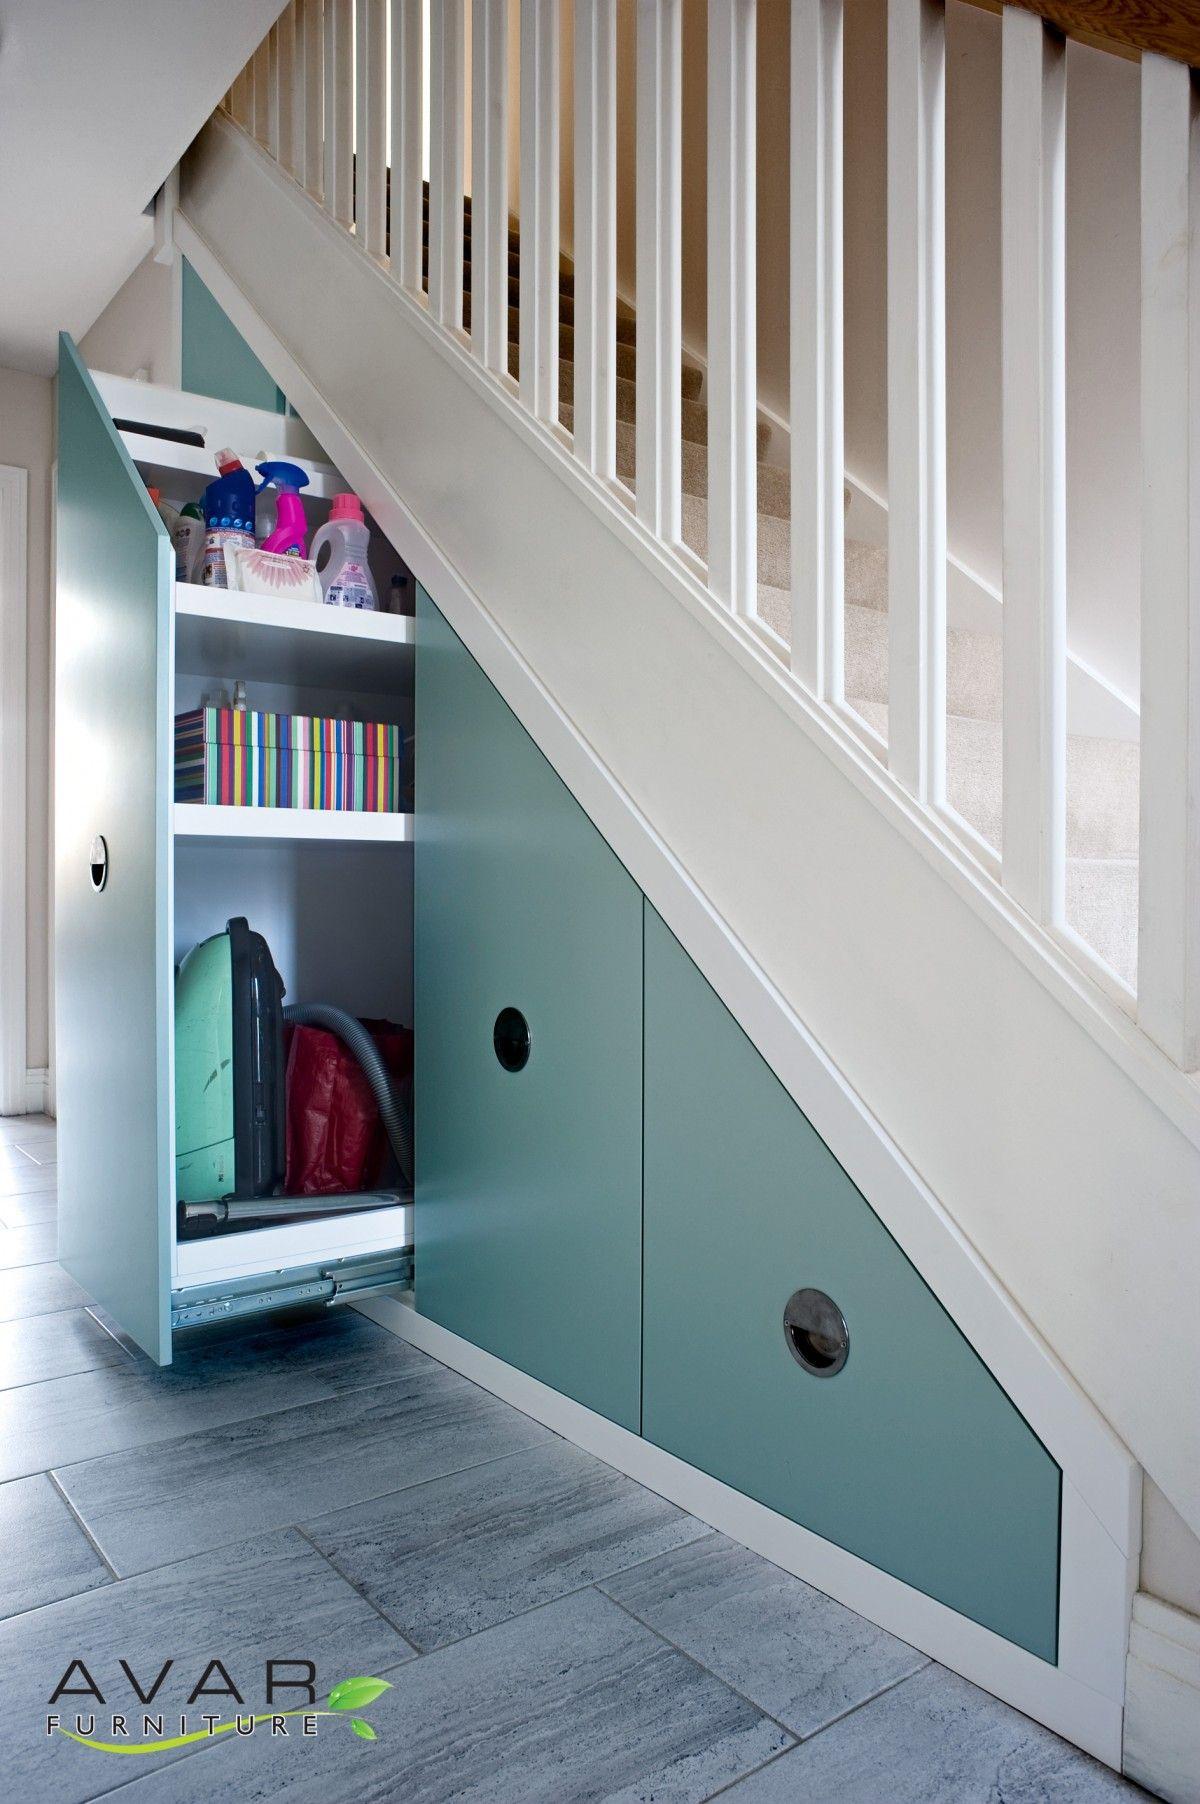 Under Stairs Basement Ideas: ƸӜƷ Under Stairs Storage Ideas Gallery 19